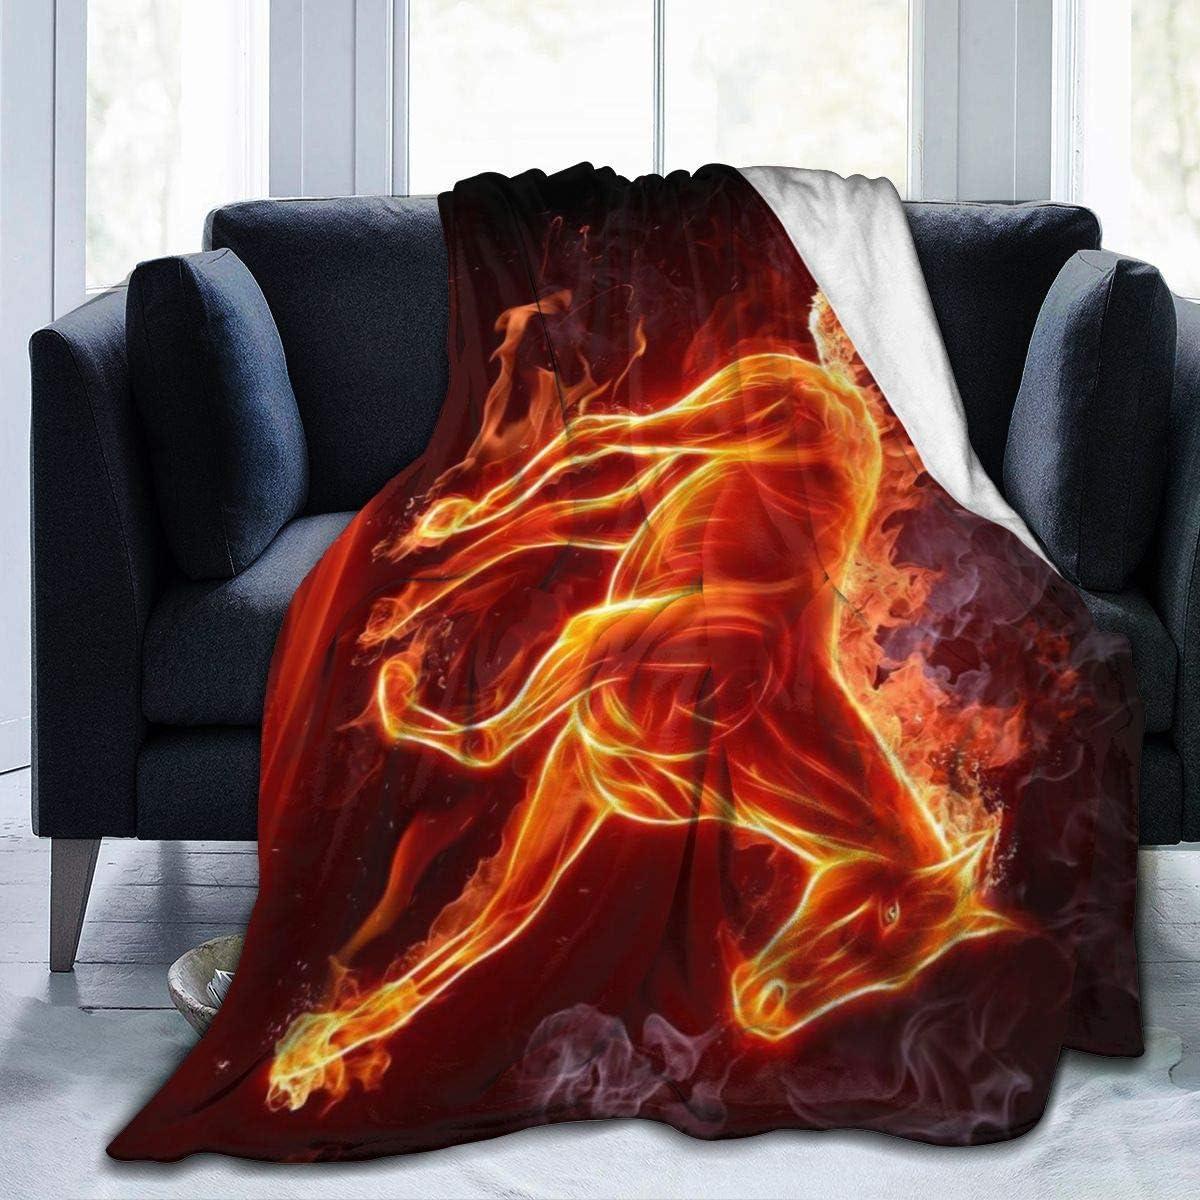 Annays Blanket Caballo De Fuego Manta Cálida Súper Suave Acogedora 102X127Cm Manta De Lana Ligera Cama para Sala De Estar Dormitorio Toda La Temporada